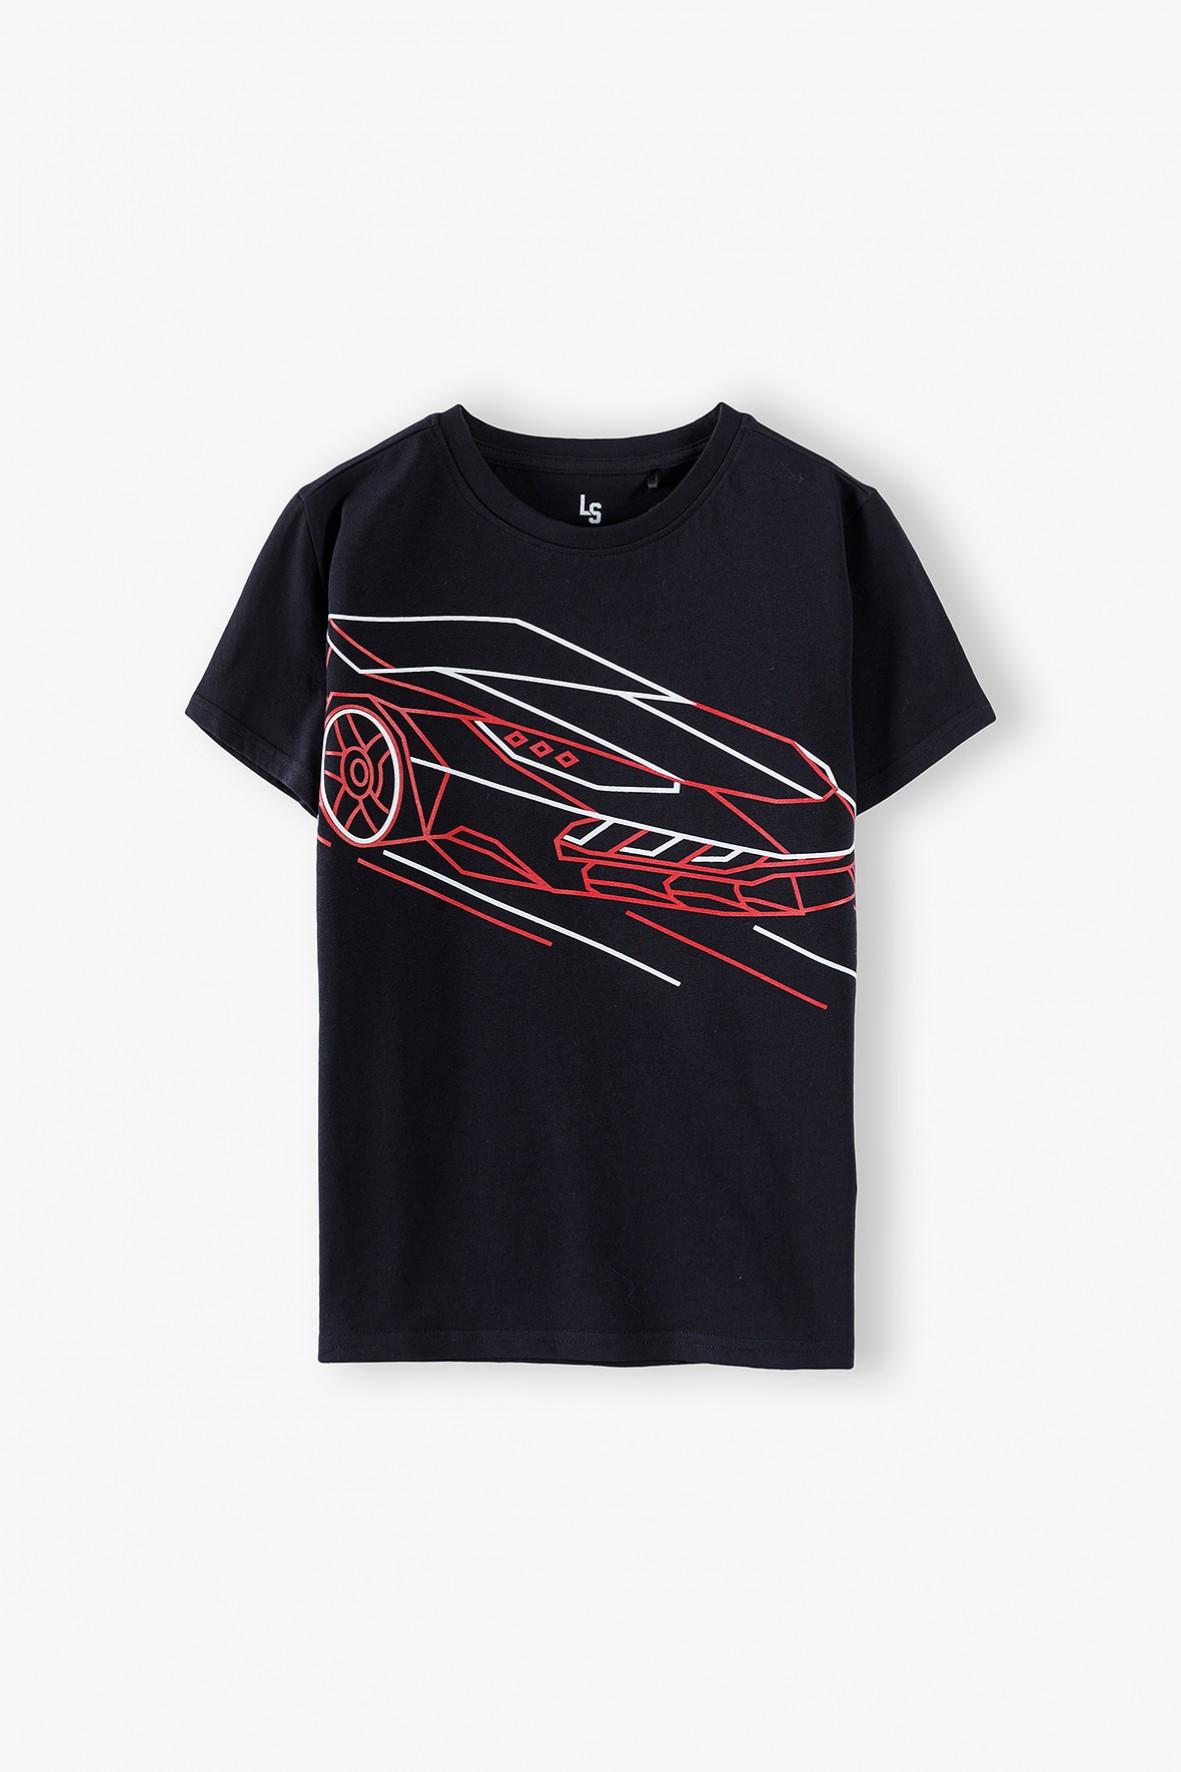 T-shirt chłopięcy czarny z samochodem